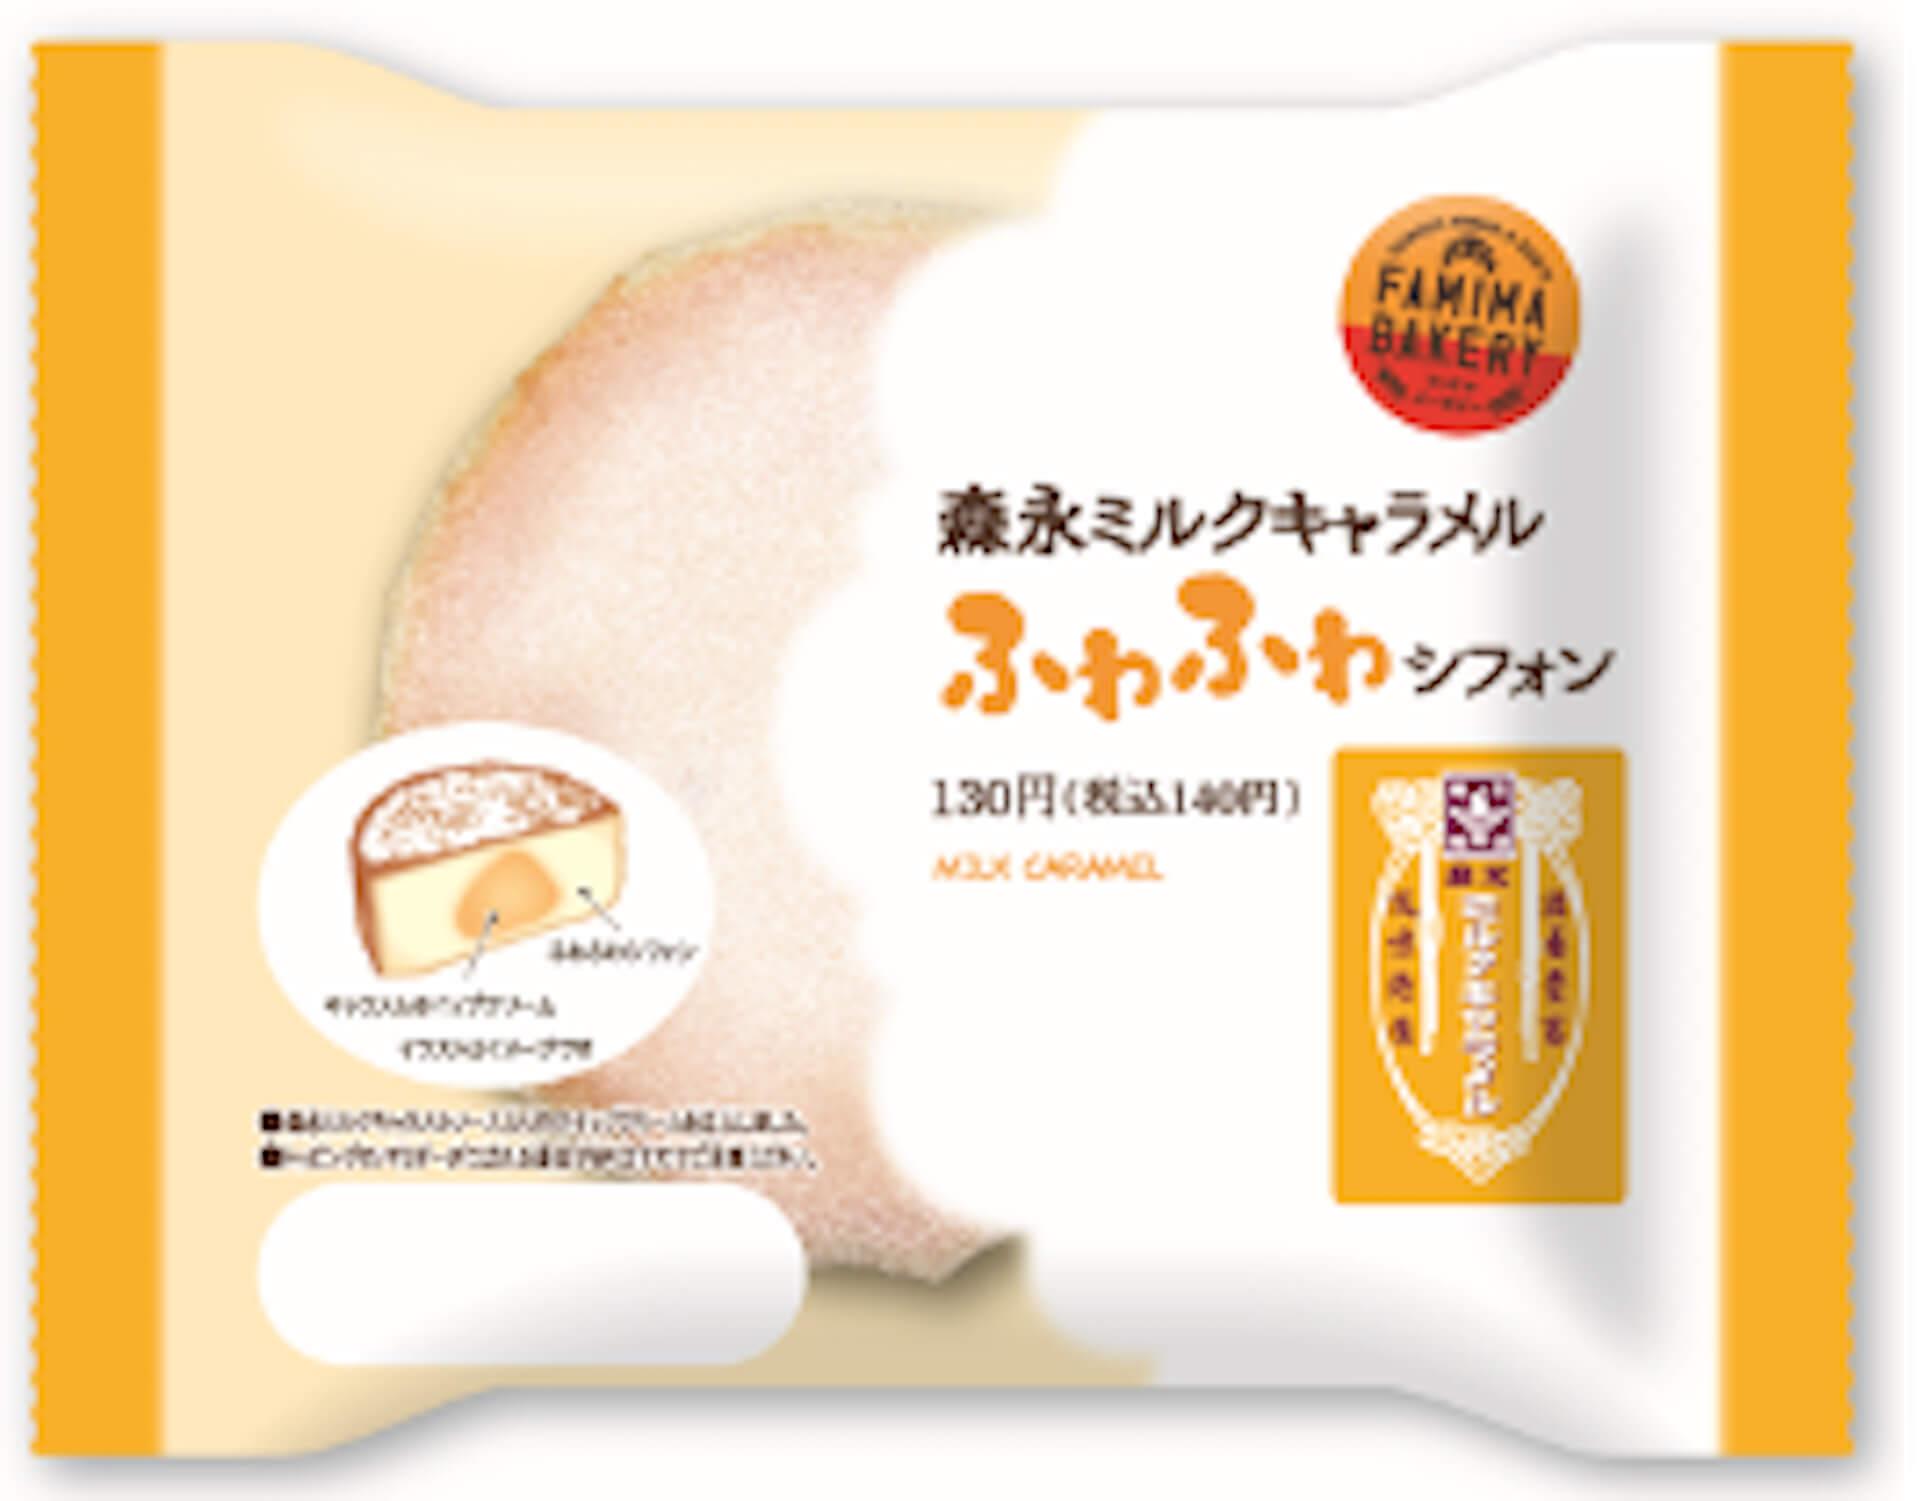 ファミマのラテが「森永ミルクキャラメル」味に!森永ミルクキャラメルラテ&森永ミルクキャラメルふわふわシフォンが登場 gourmet201201_familymart_latte_1